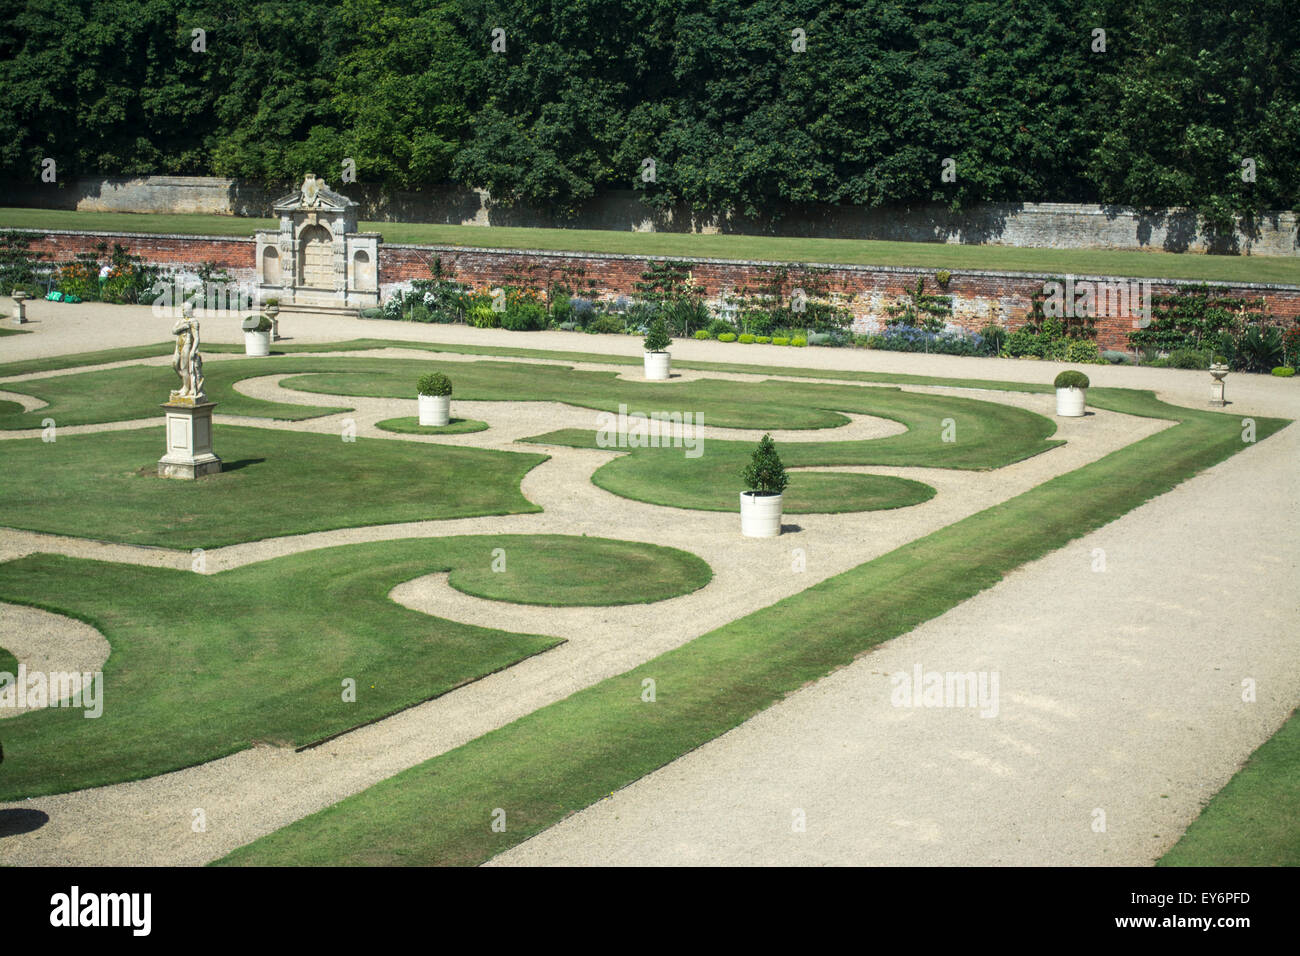 Formal gardens at Kirby Hall, Northamptonshire, UK - Stock Image